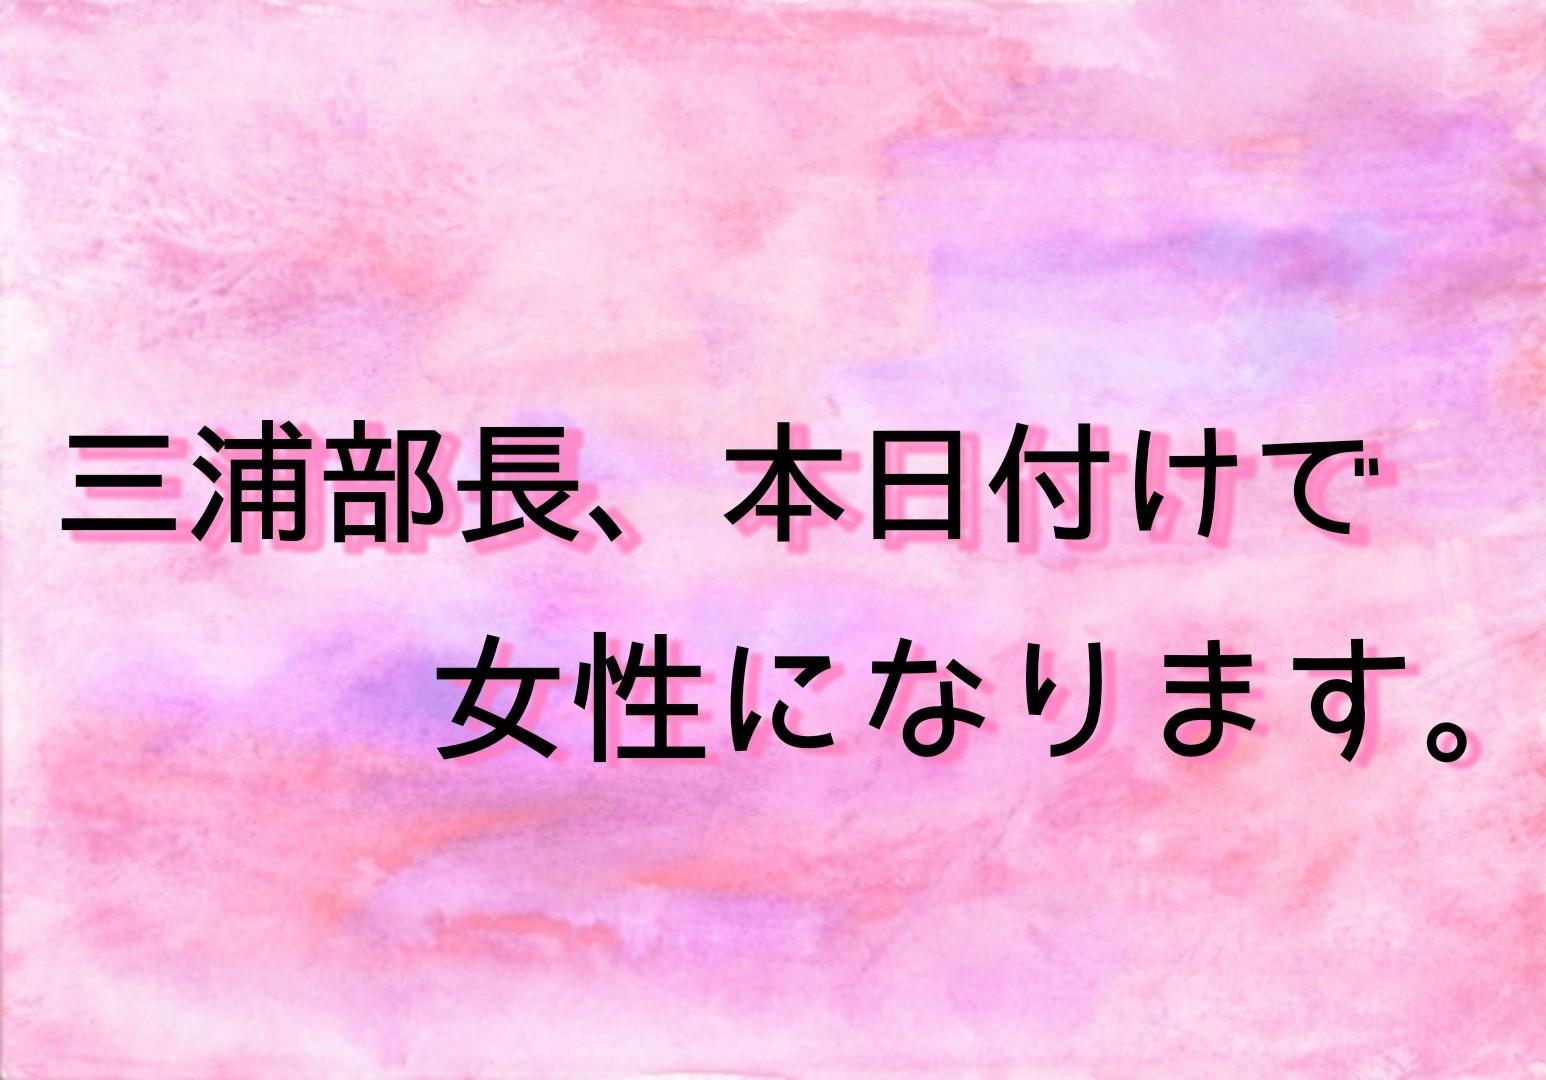 三浦部長本日付で女性になります全何話